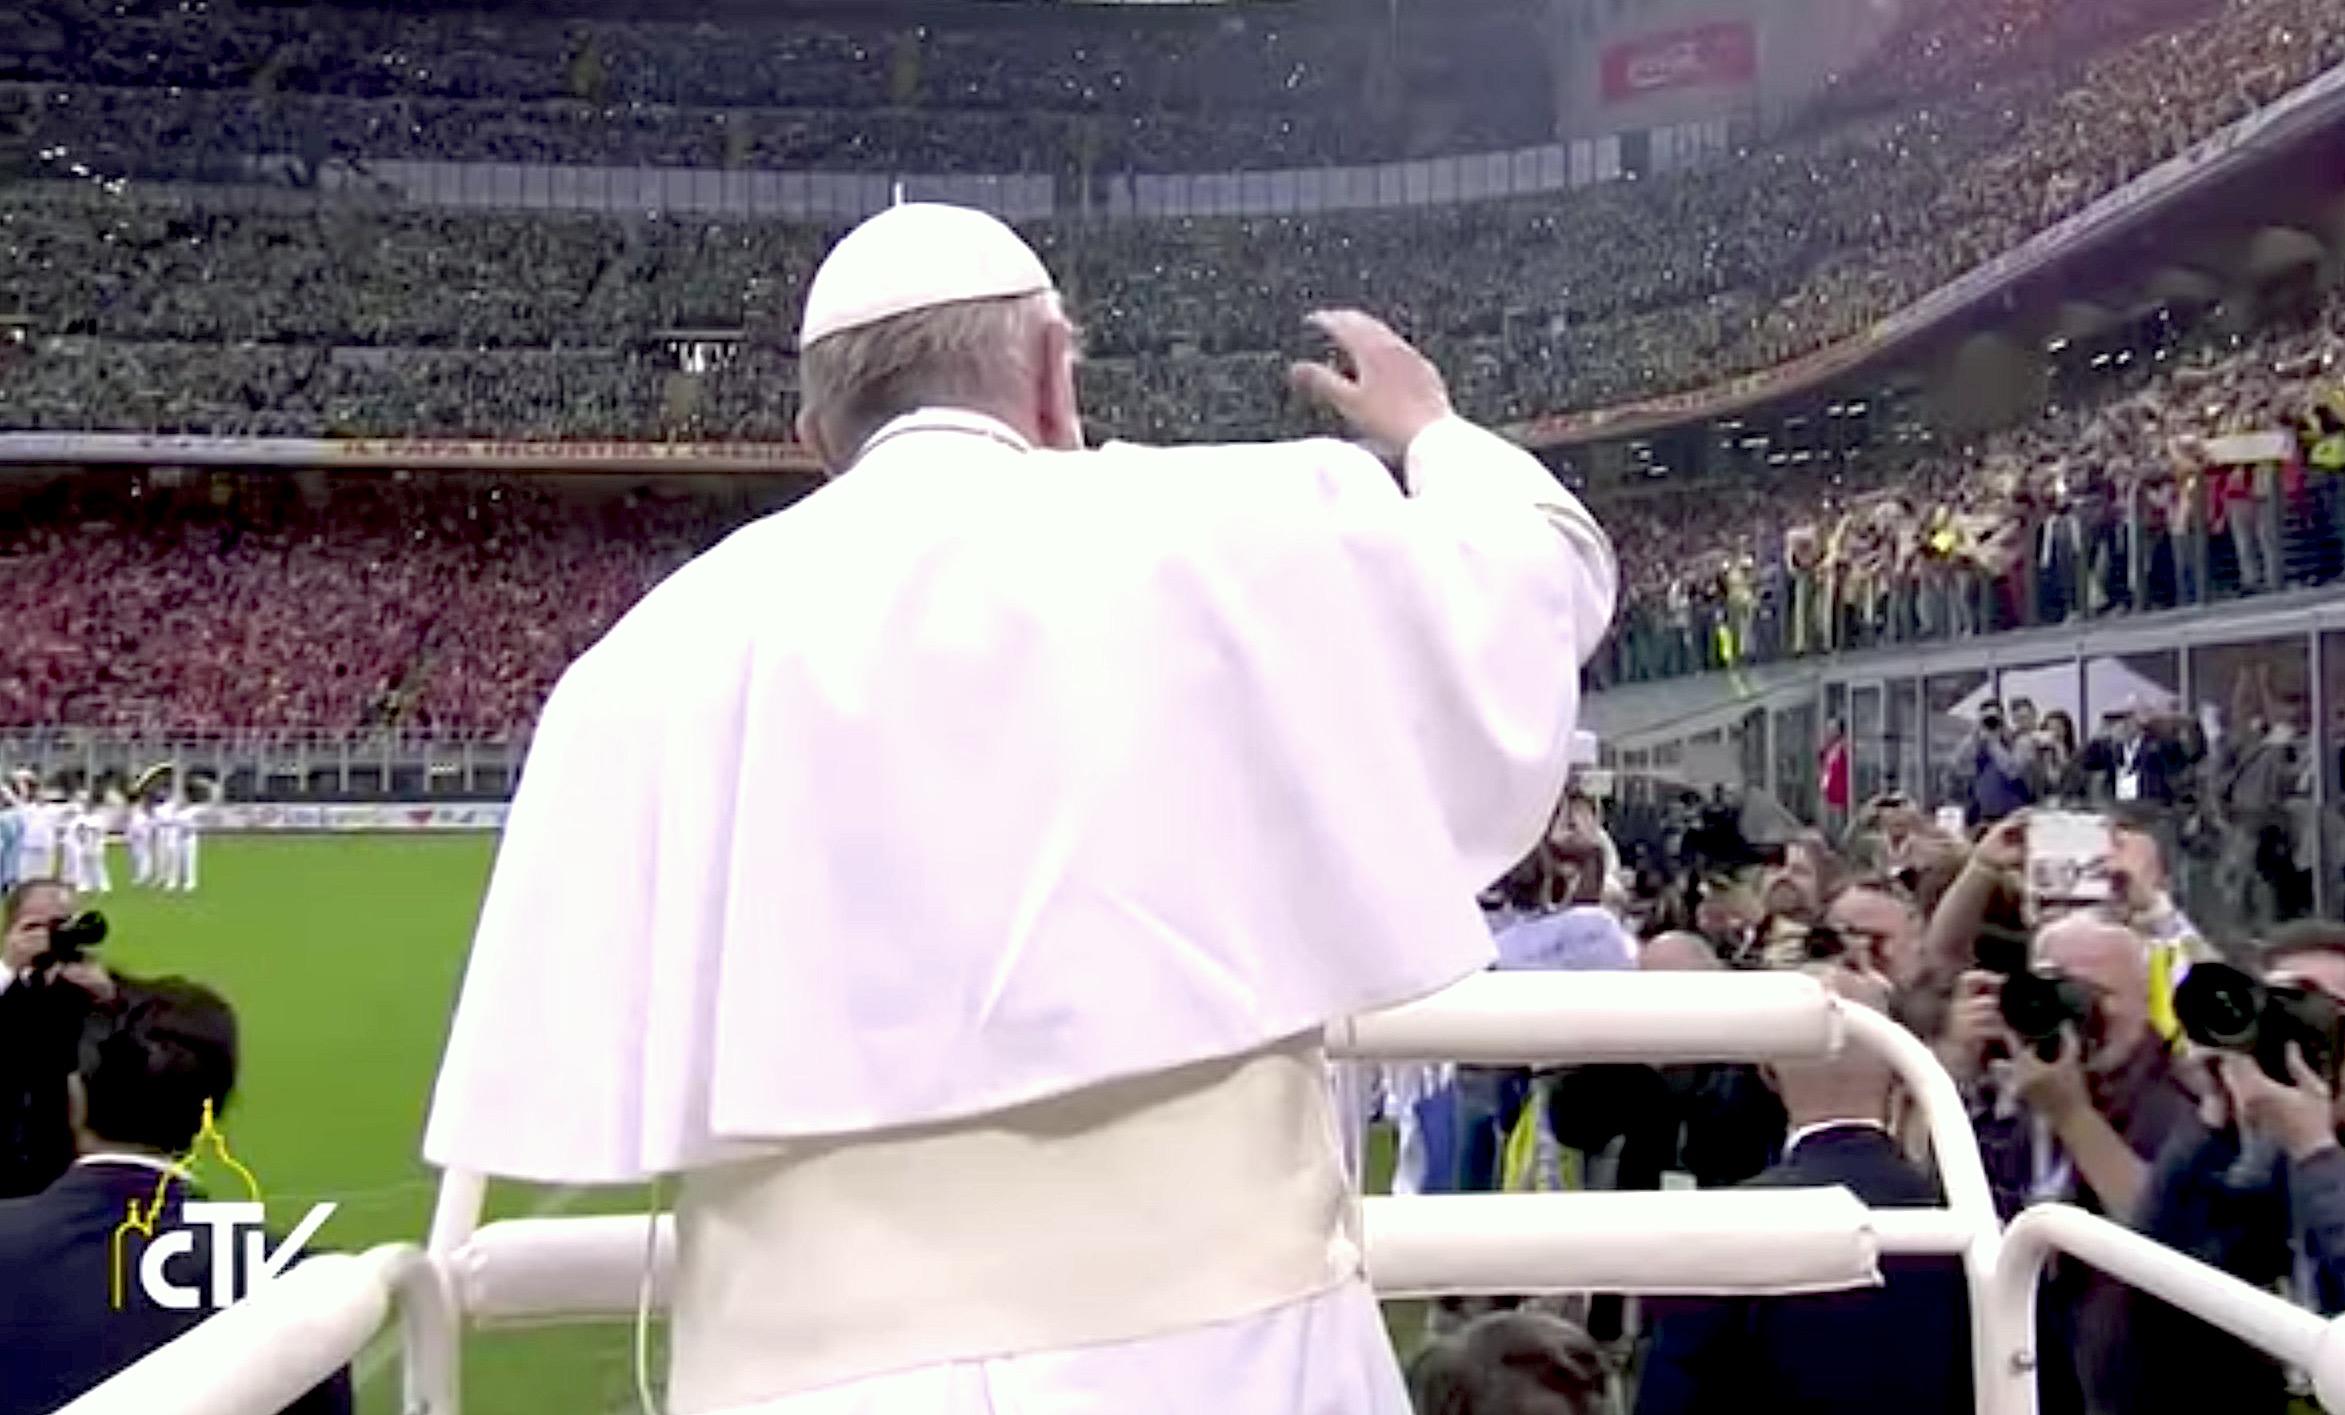 El Papa entra en San Siro